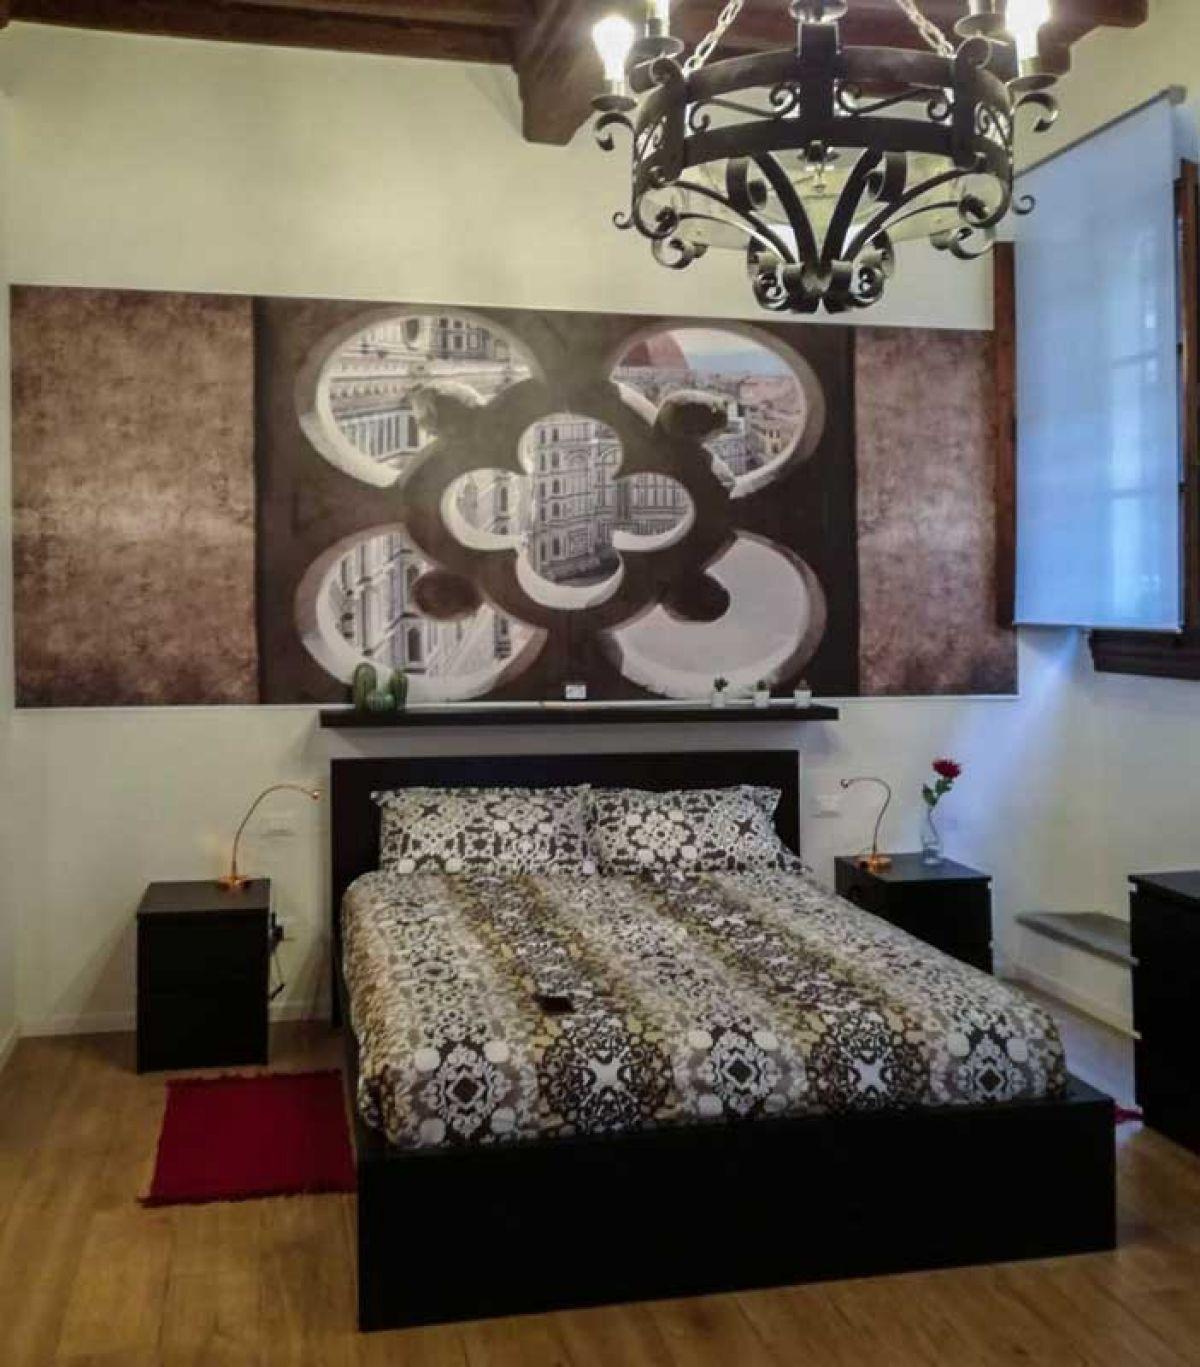 Pannelli Decorativi Per Camerette decorazioni pareti firenze toscana decorazioni pareti camere